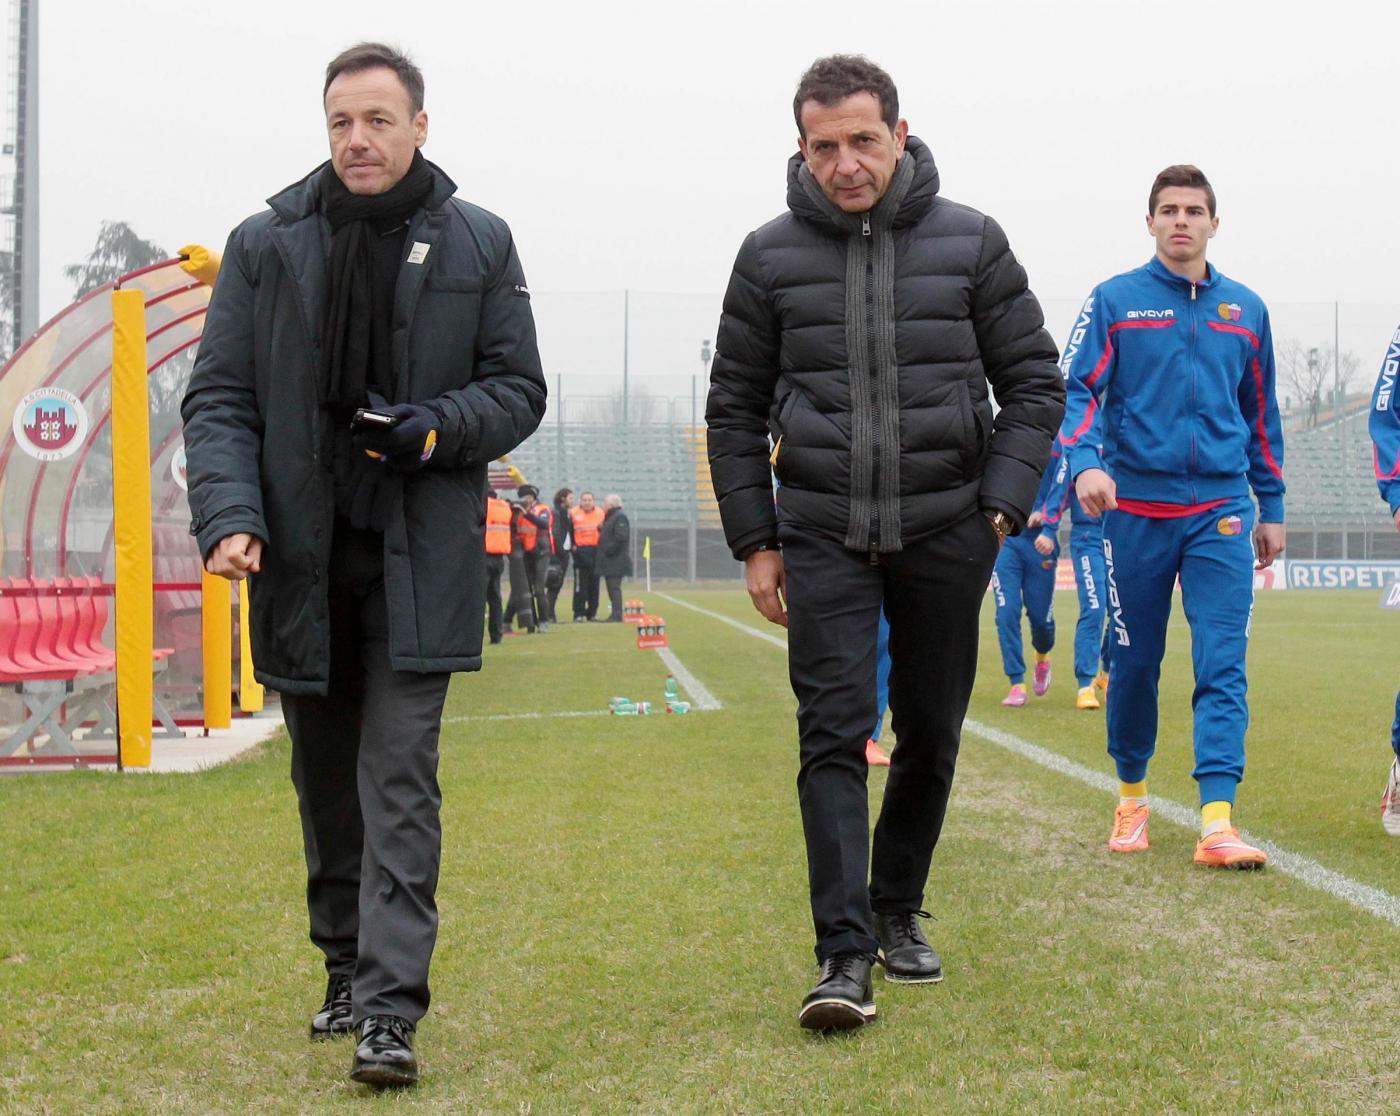 Calcio, partite comprate: arrestato il presidente del Catania Pulvirenti